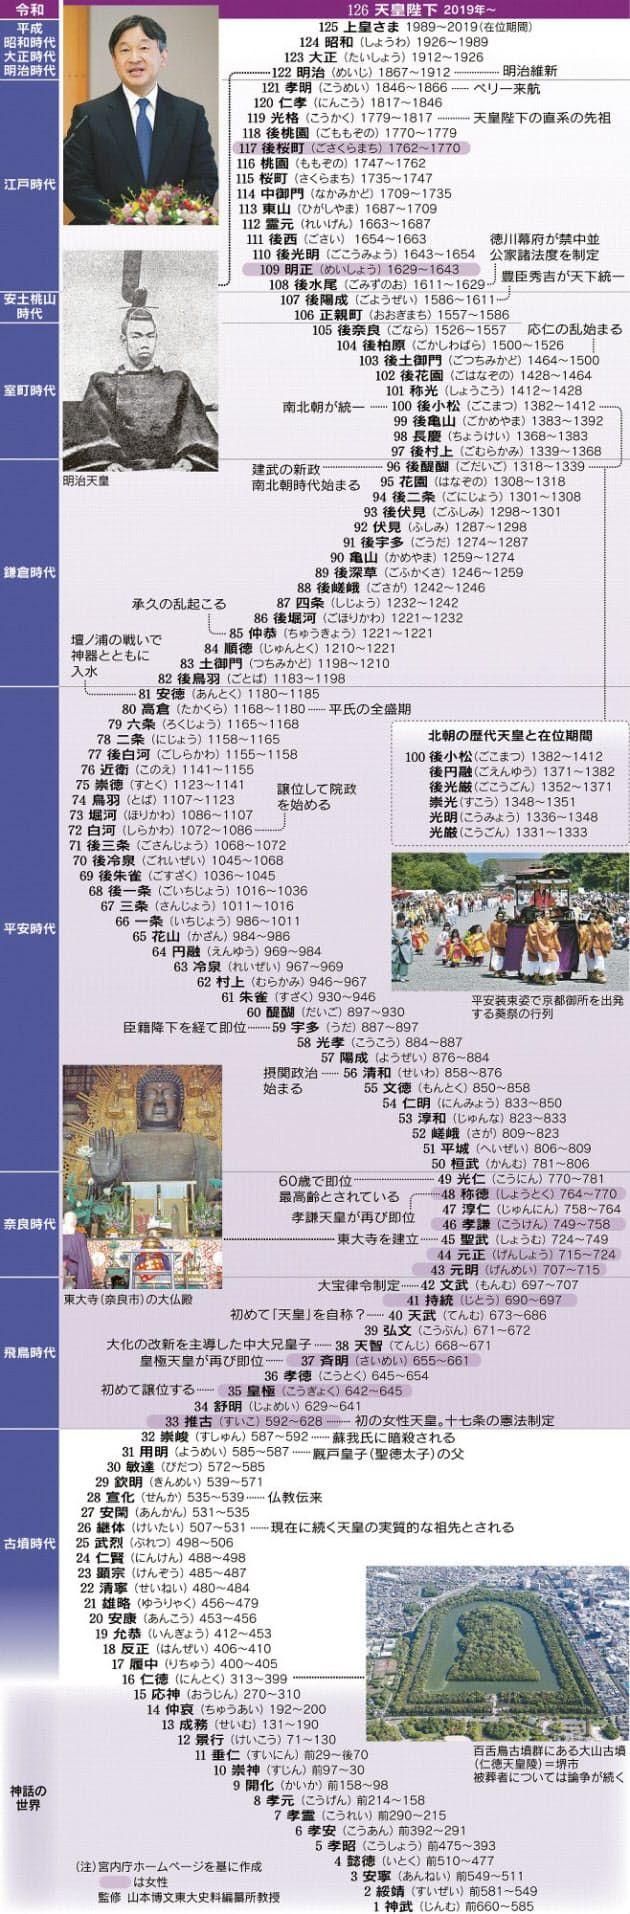 日本経済新聞 歴史 家系図 日本 歴史